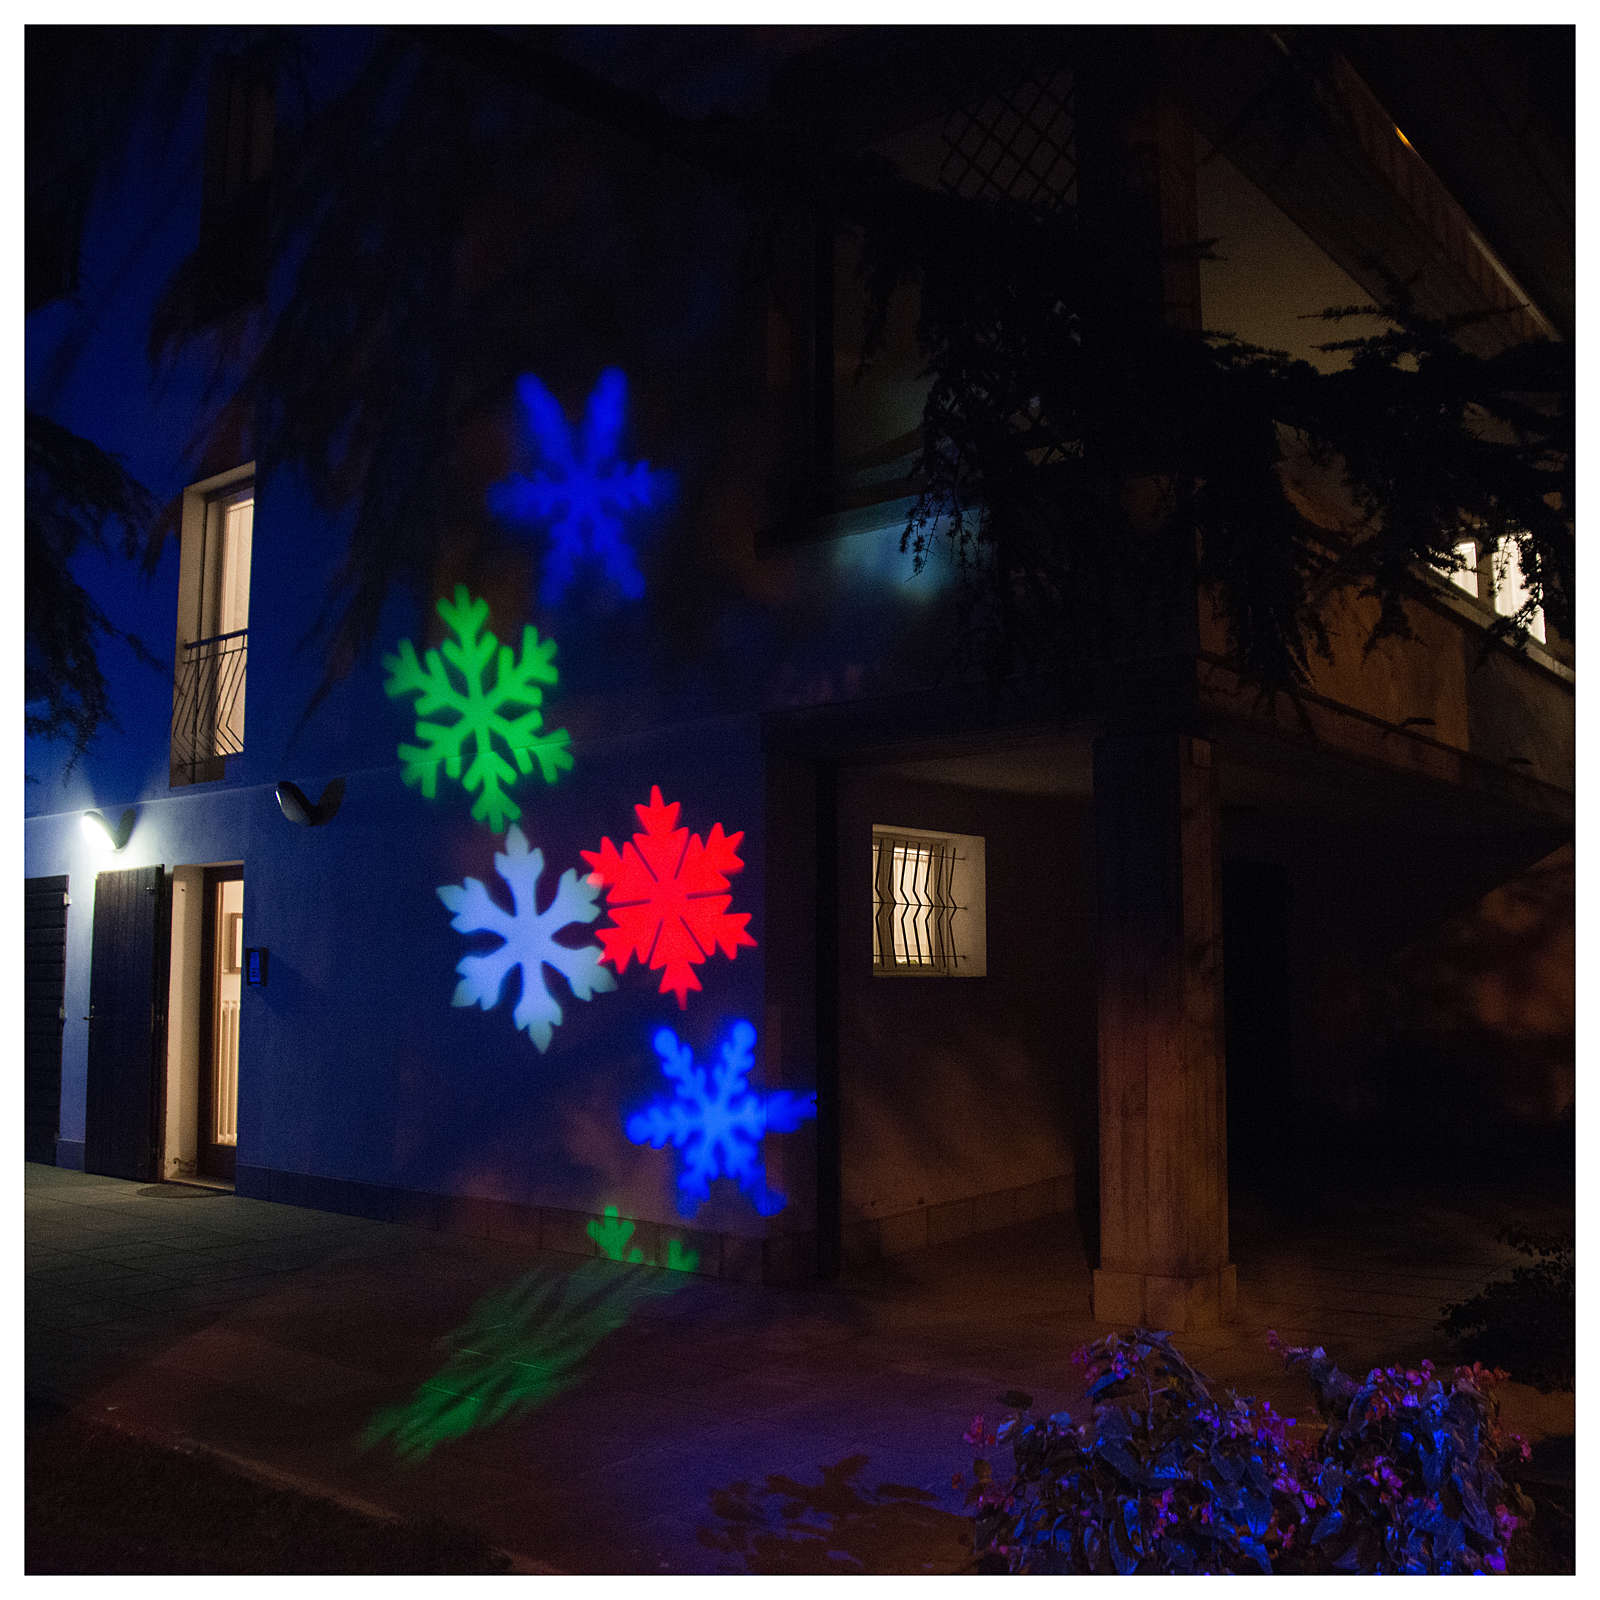 LED-Projektor Schneeflocke mehrfarbig für innen und außen 3